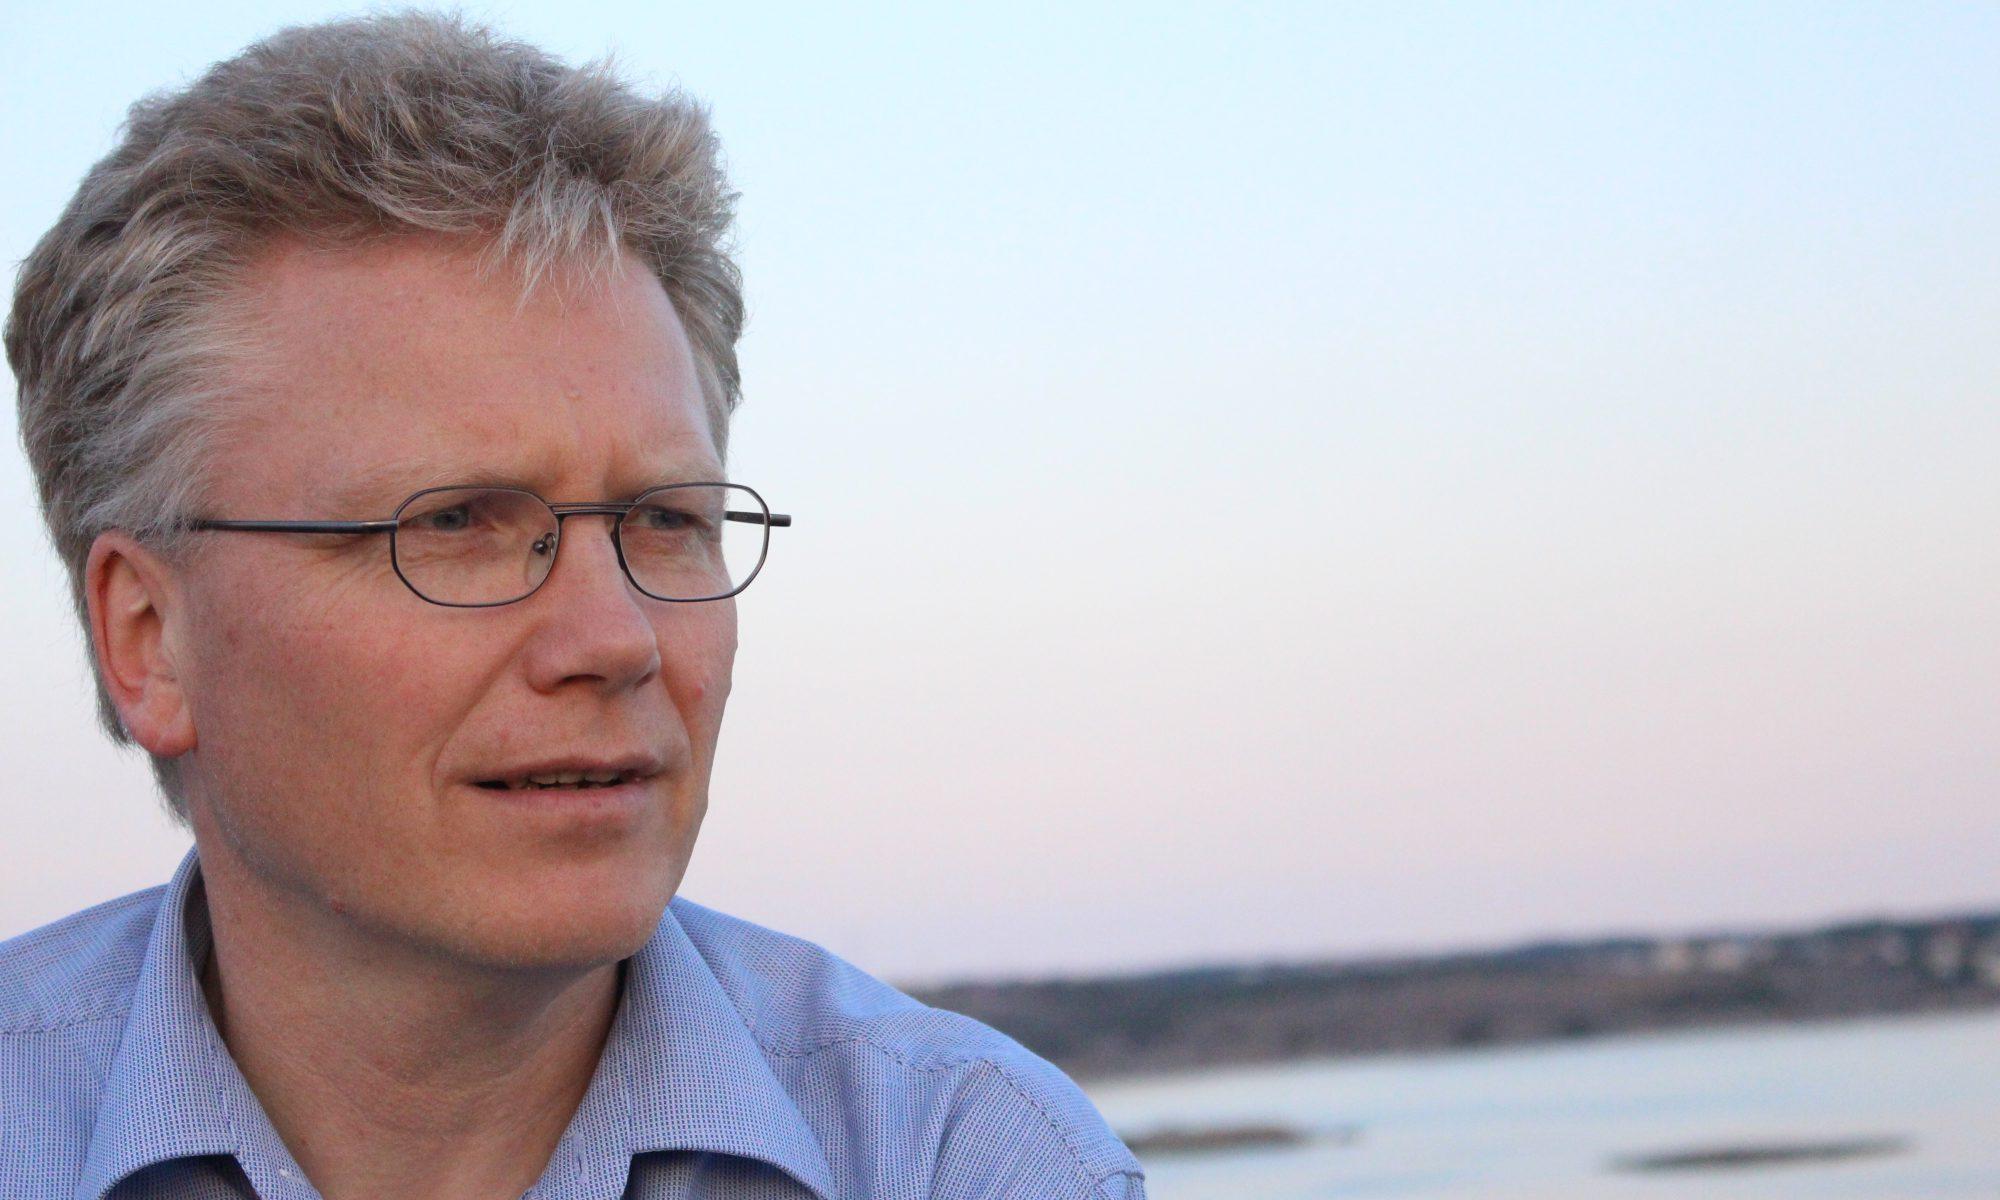 Dr. Jens Junge